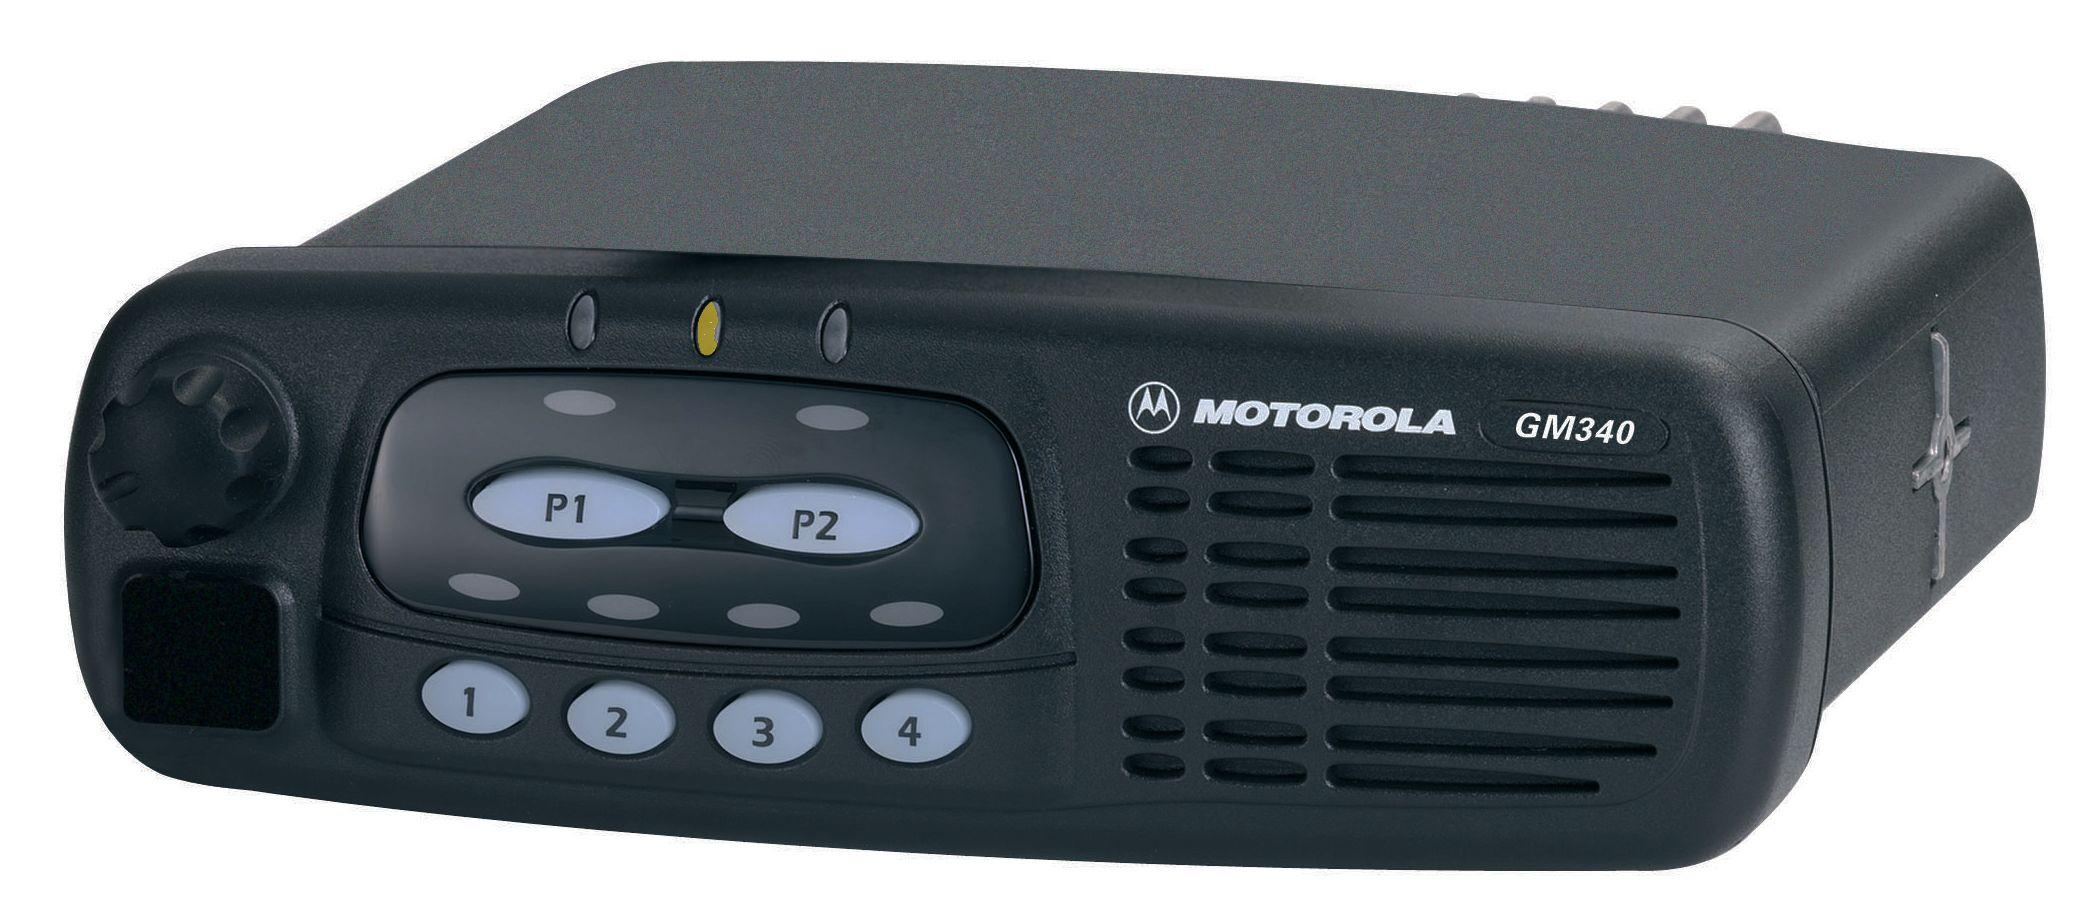 Автомобильные радиостанции Моторола купить с доставкой по